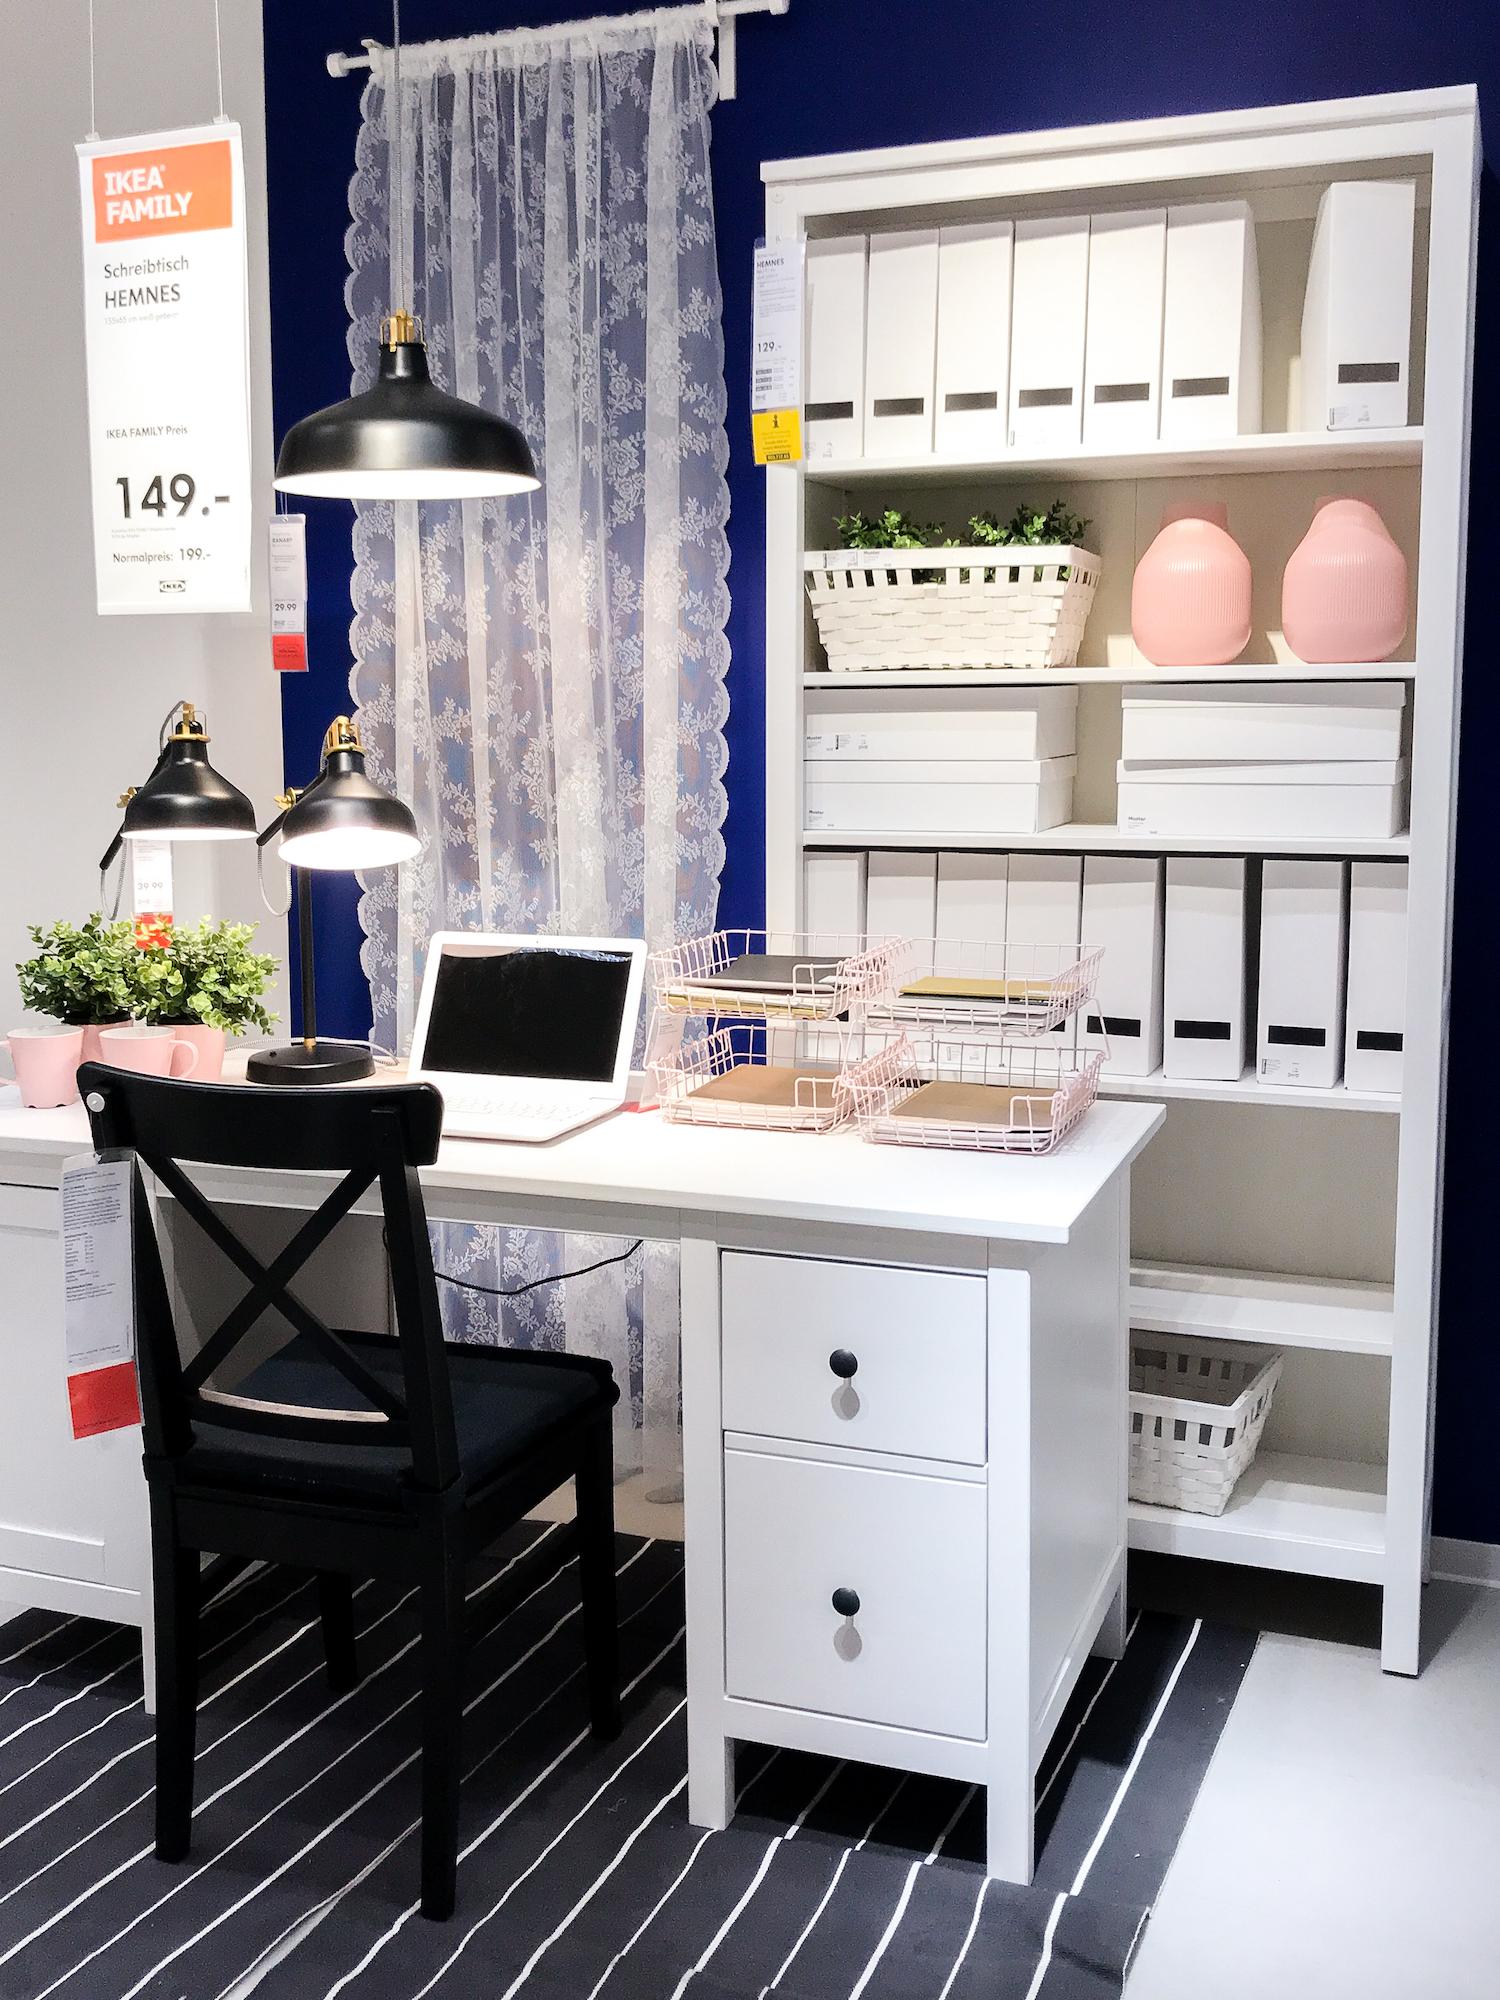 ikea ludwigsburg 2018 maedchen schreibtisch sara bow. Black Bedroom Furniture Sets. Home Design Ideas